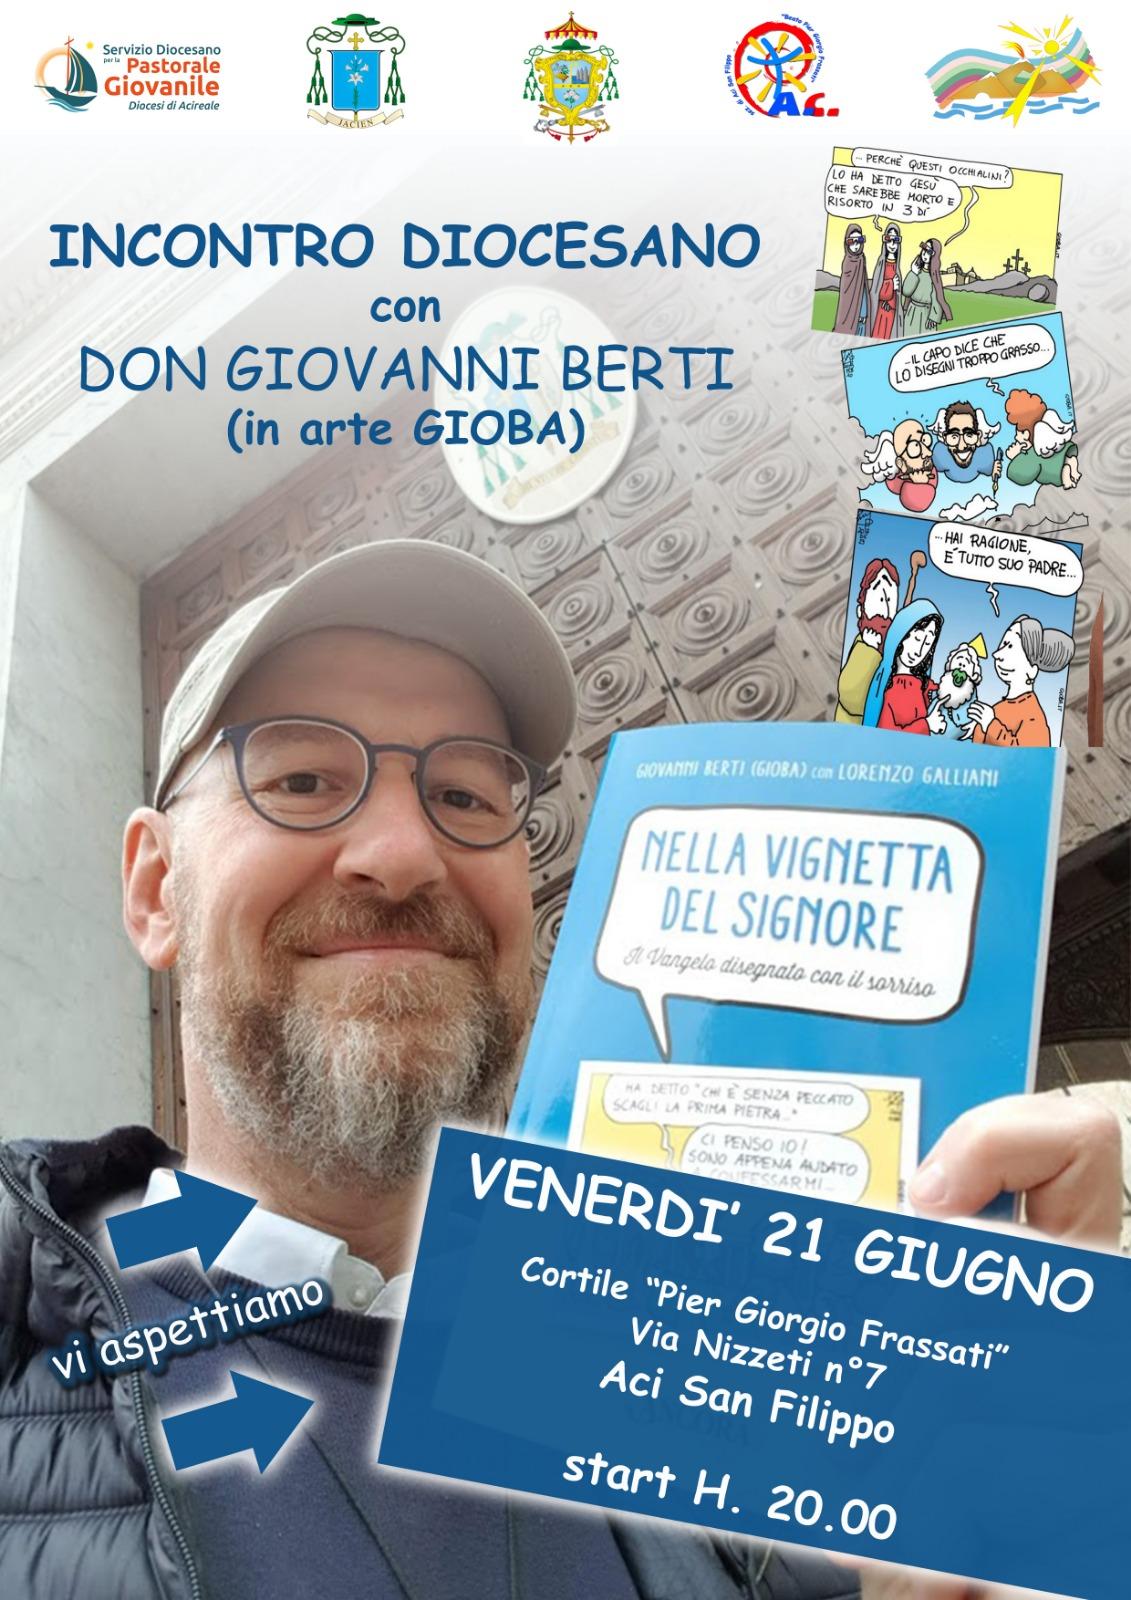 Incontro diocesano con Don Giovanni Berti (in arte Gioba)